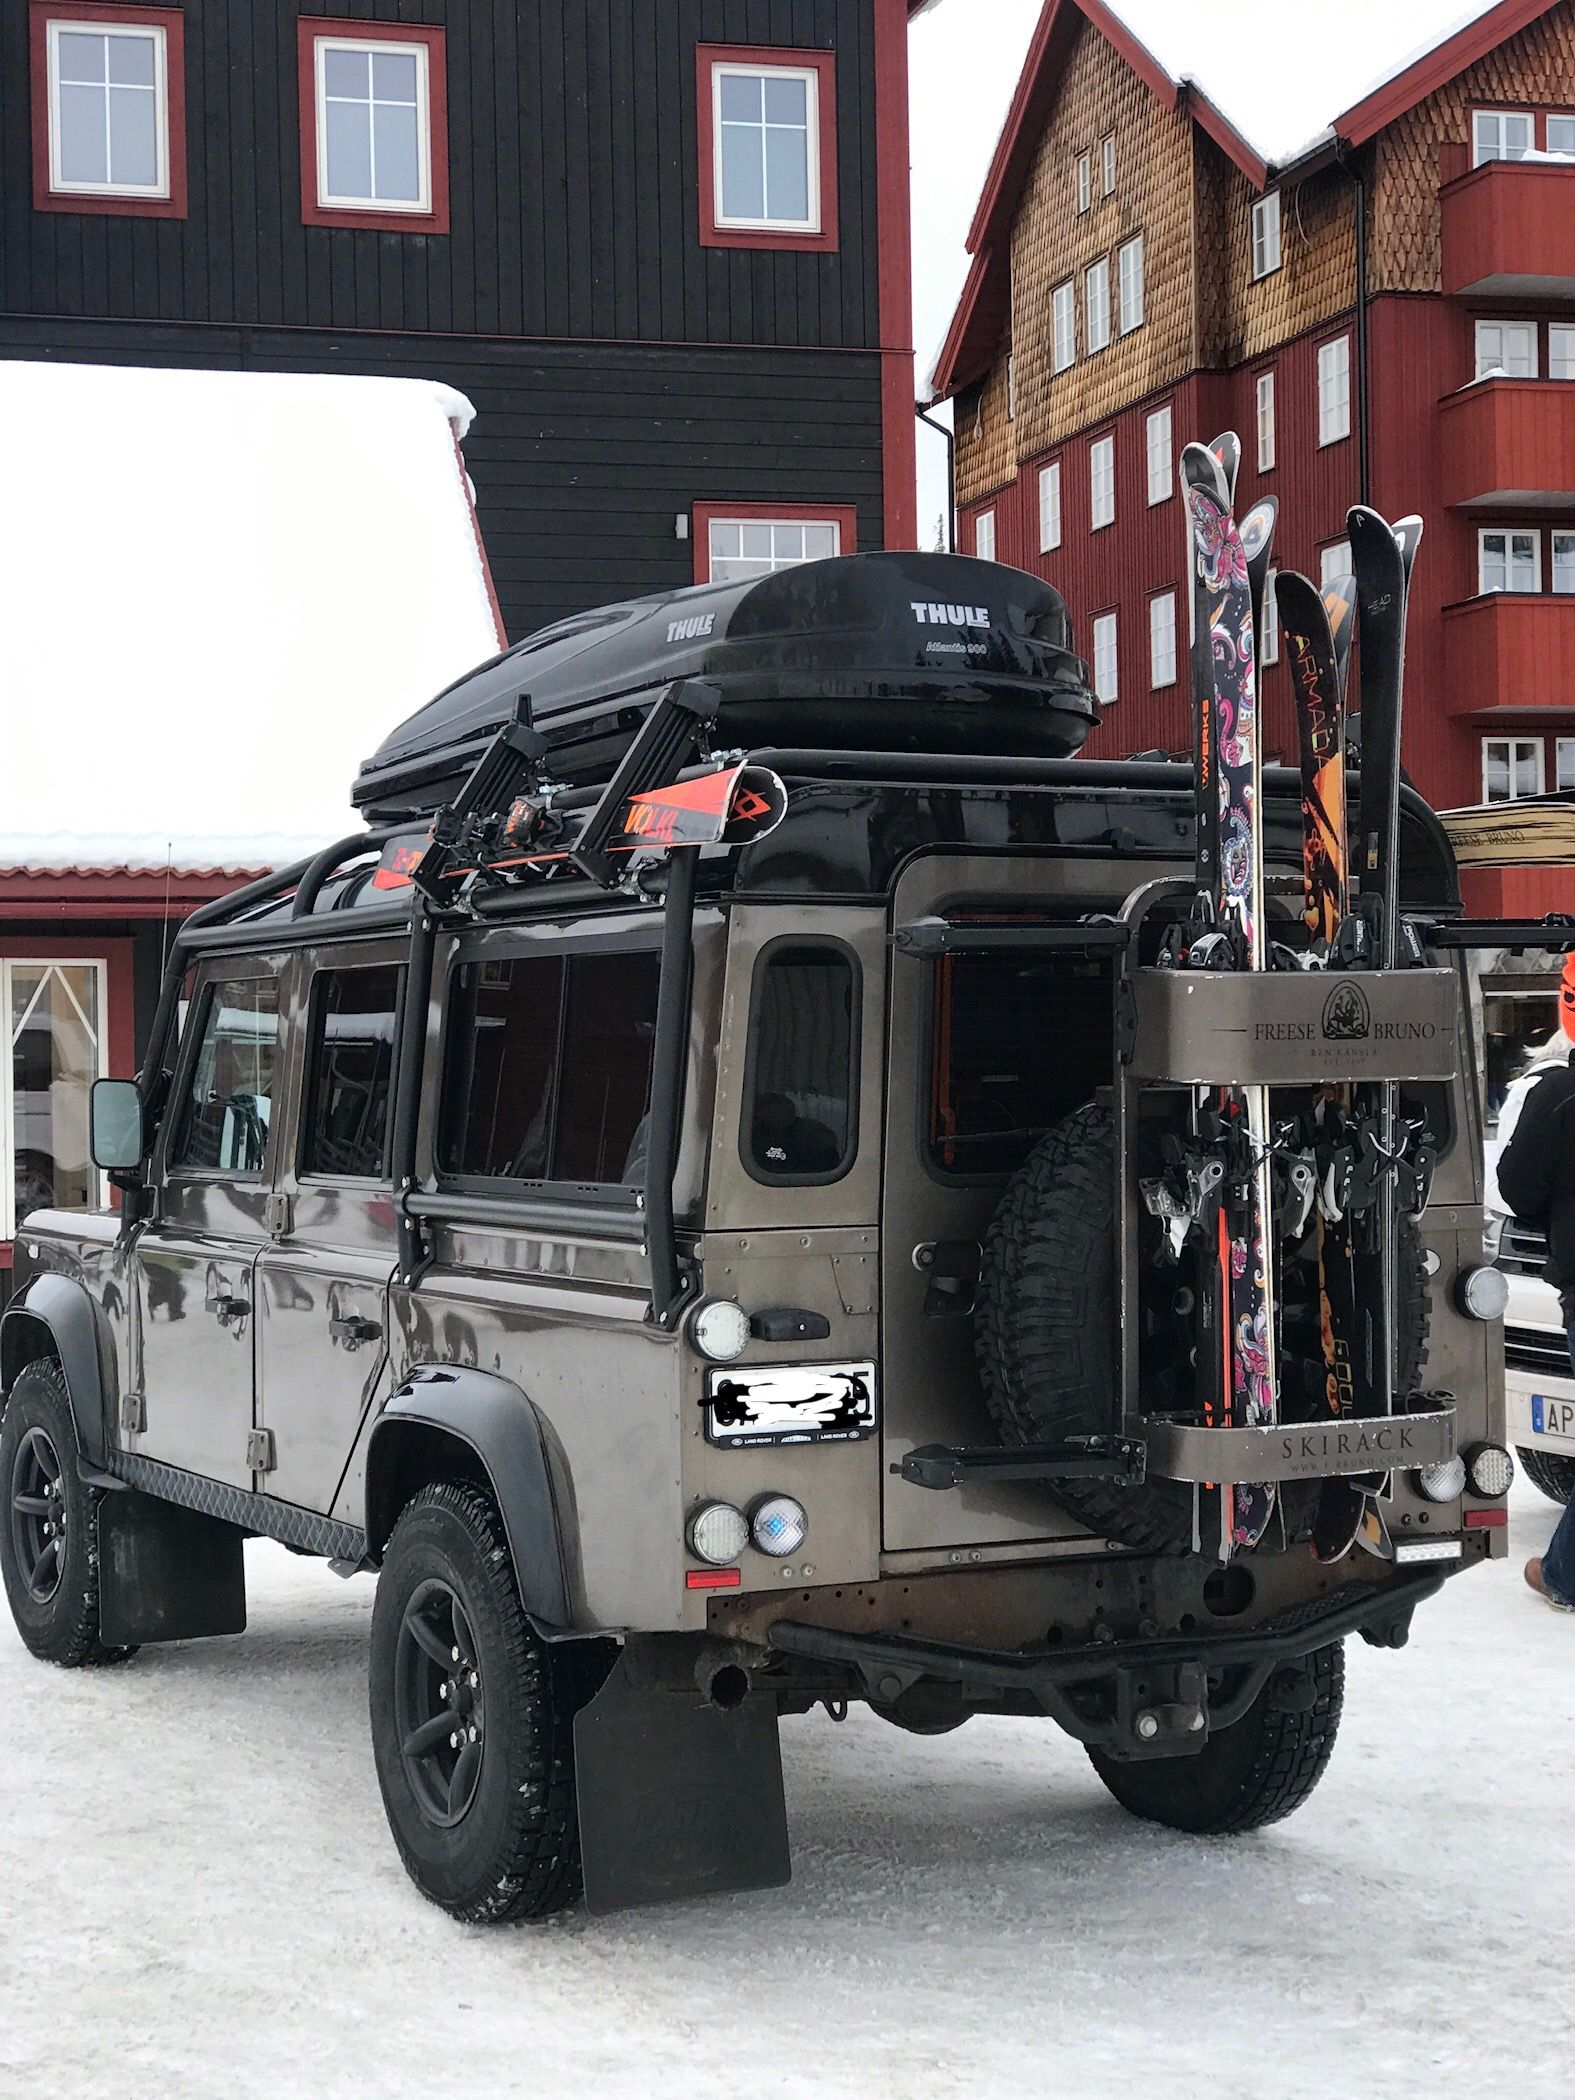 Land Rover Defender Ski Land Rover Defender Land Rover Defender Camper